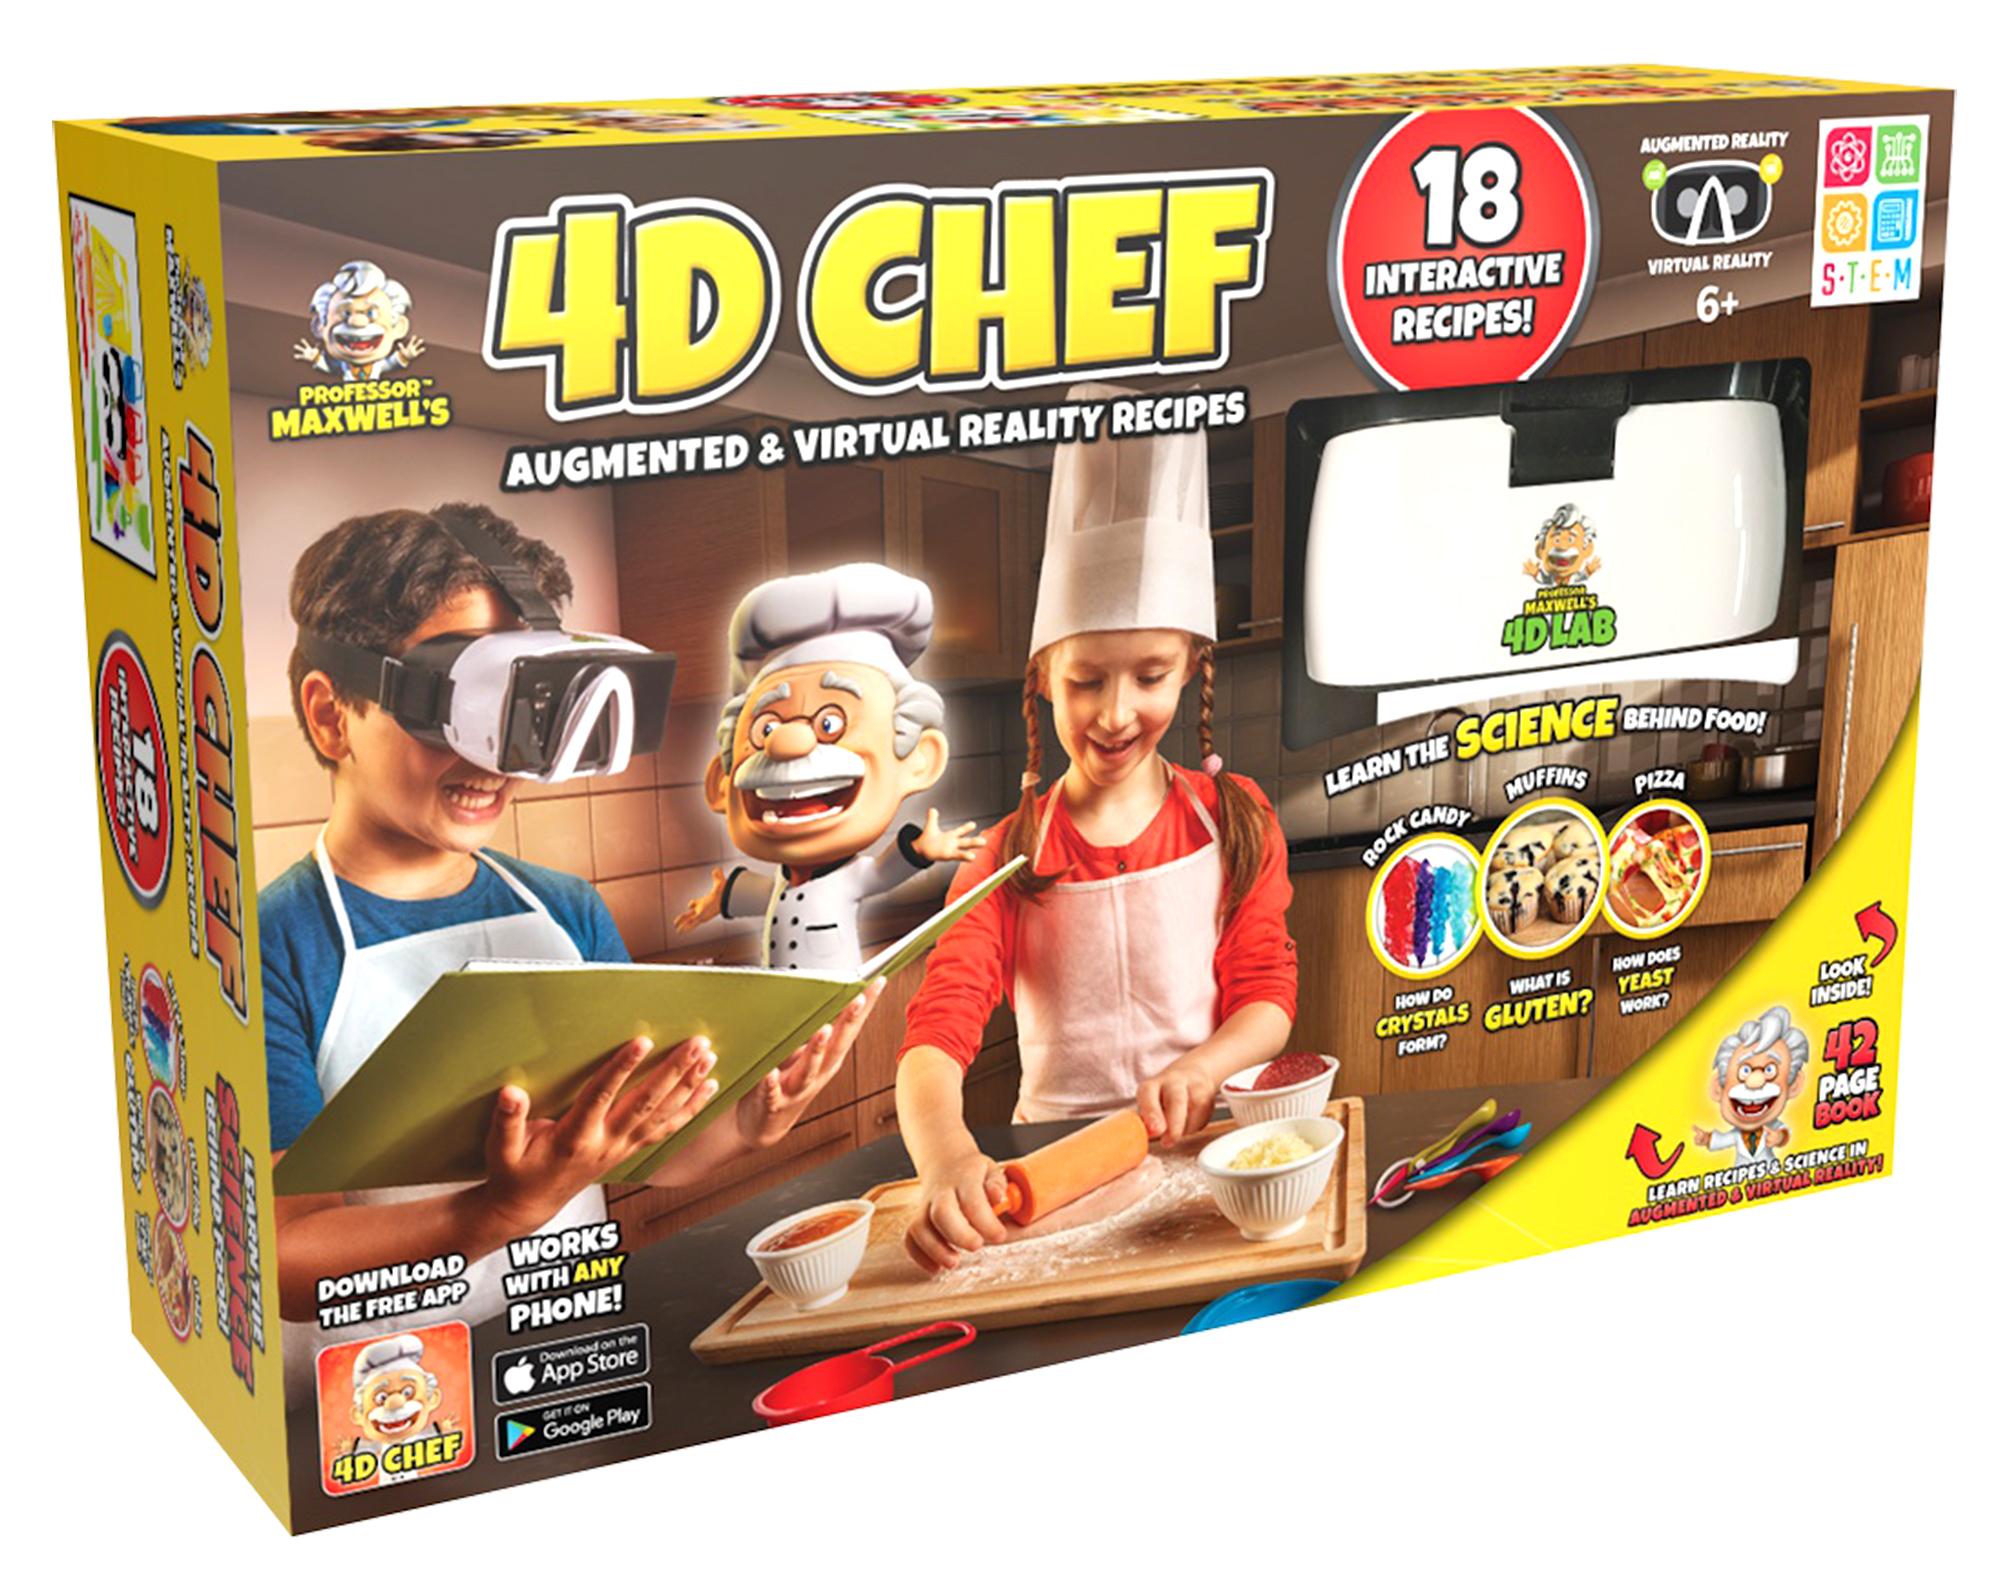 4D Chef 3D_HI copy 2.jpg